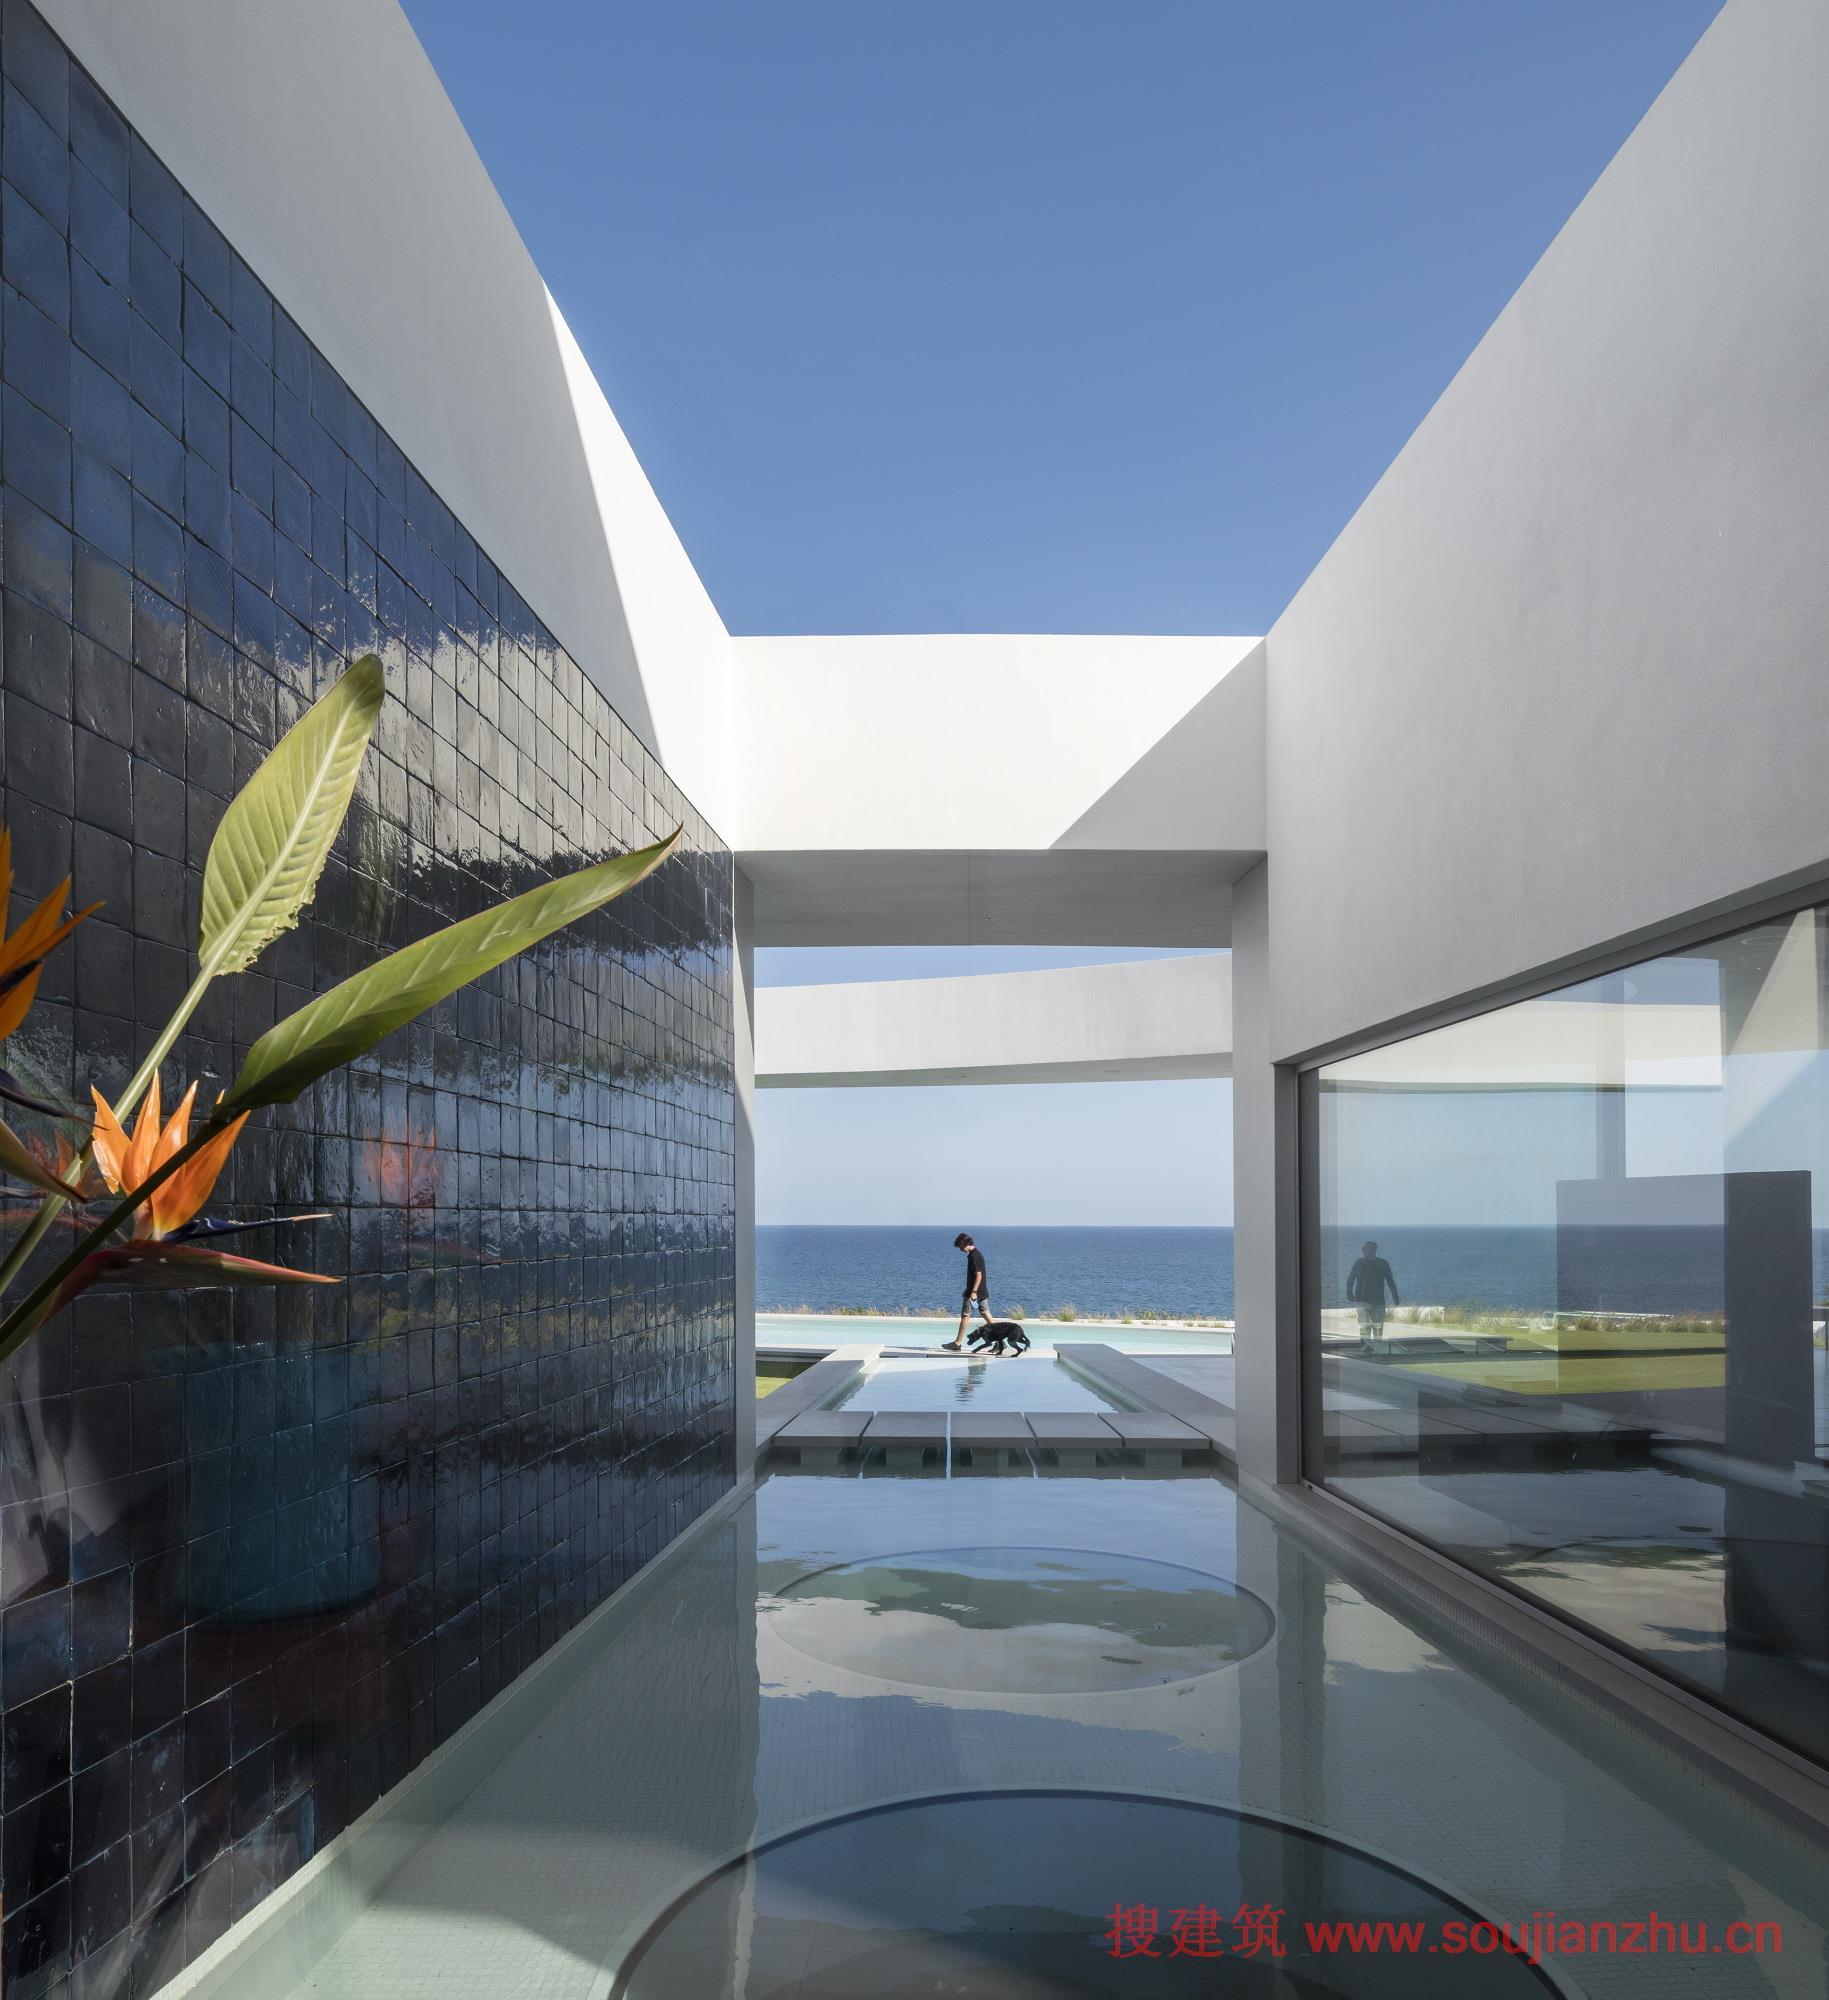 搜建筑网 -- 葡萄牙·椭圆形的住宅